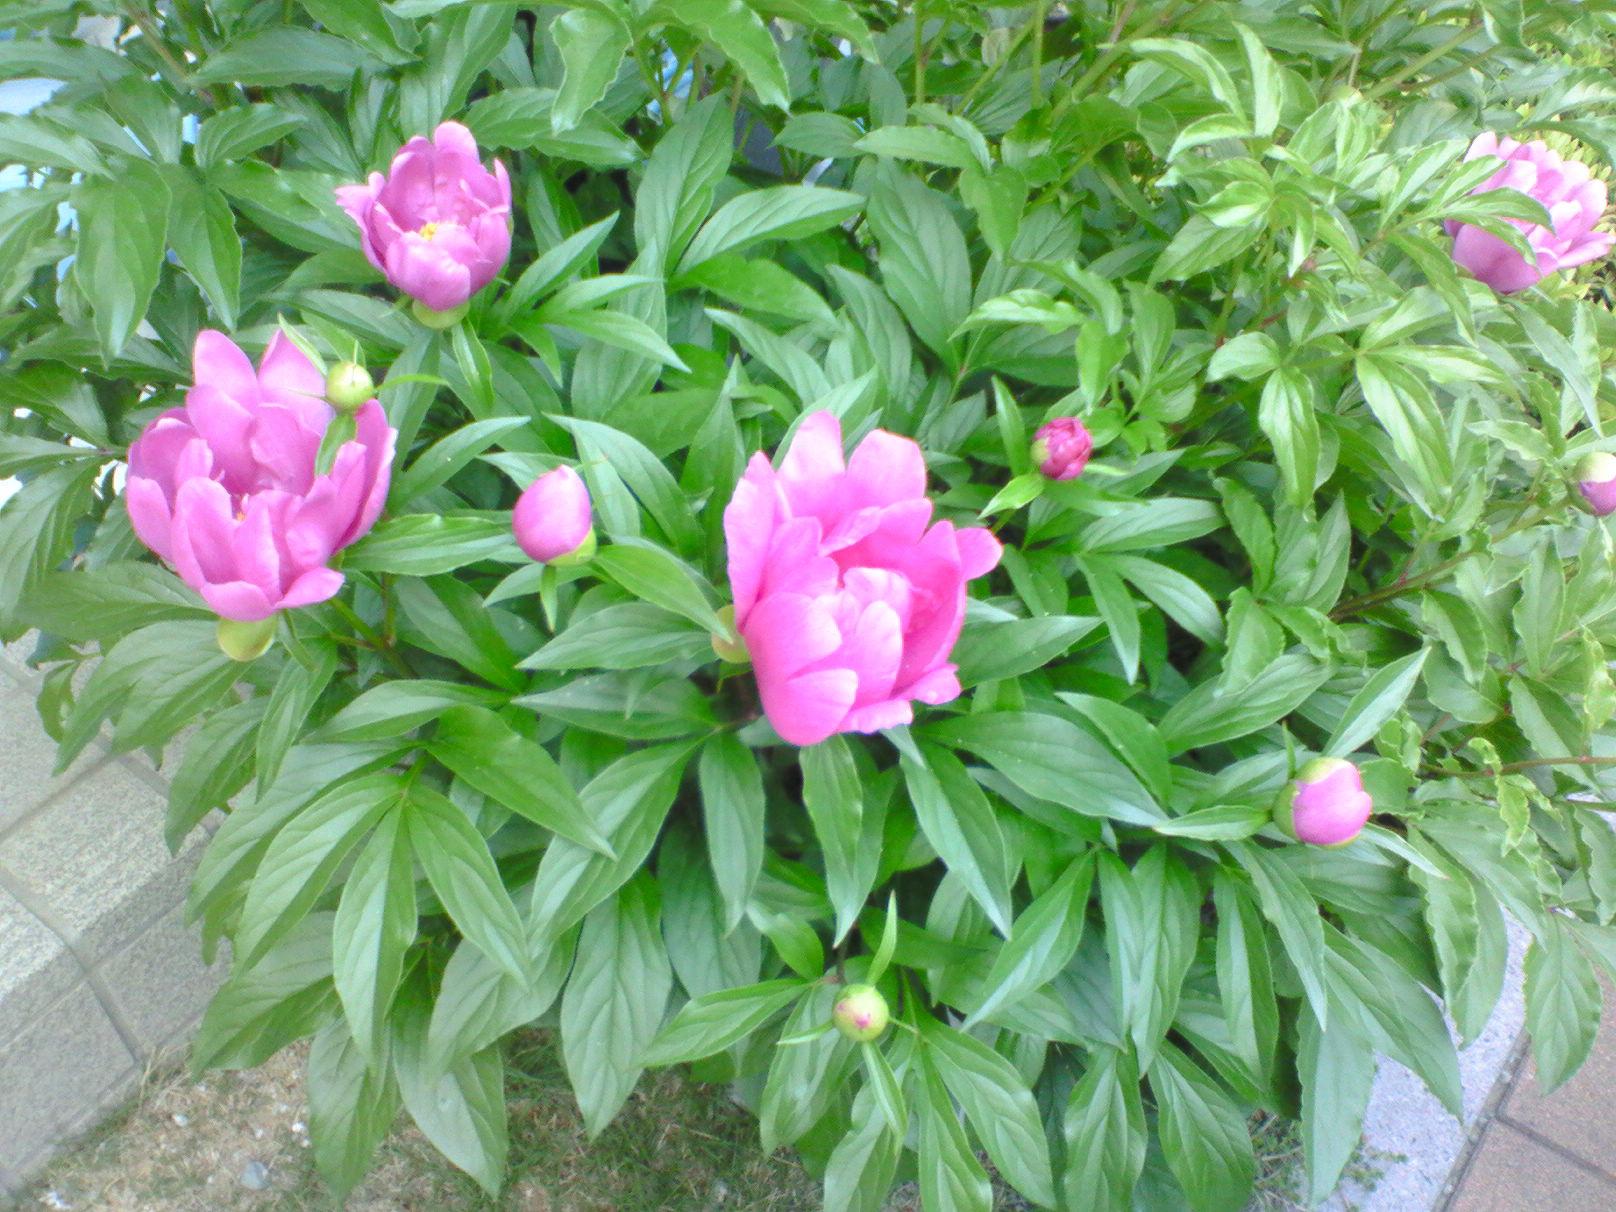 芍薬が咲いた